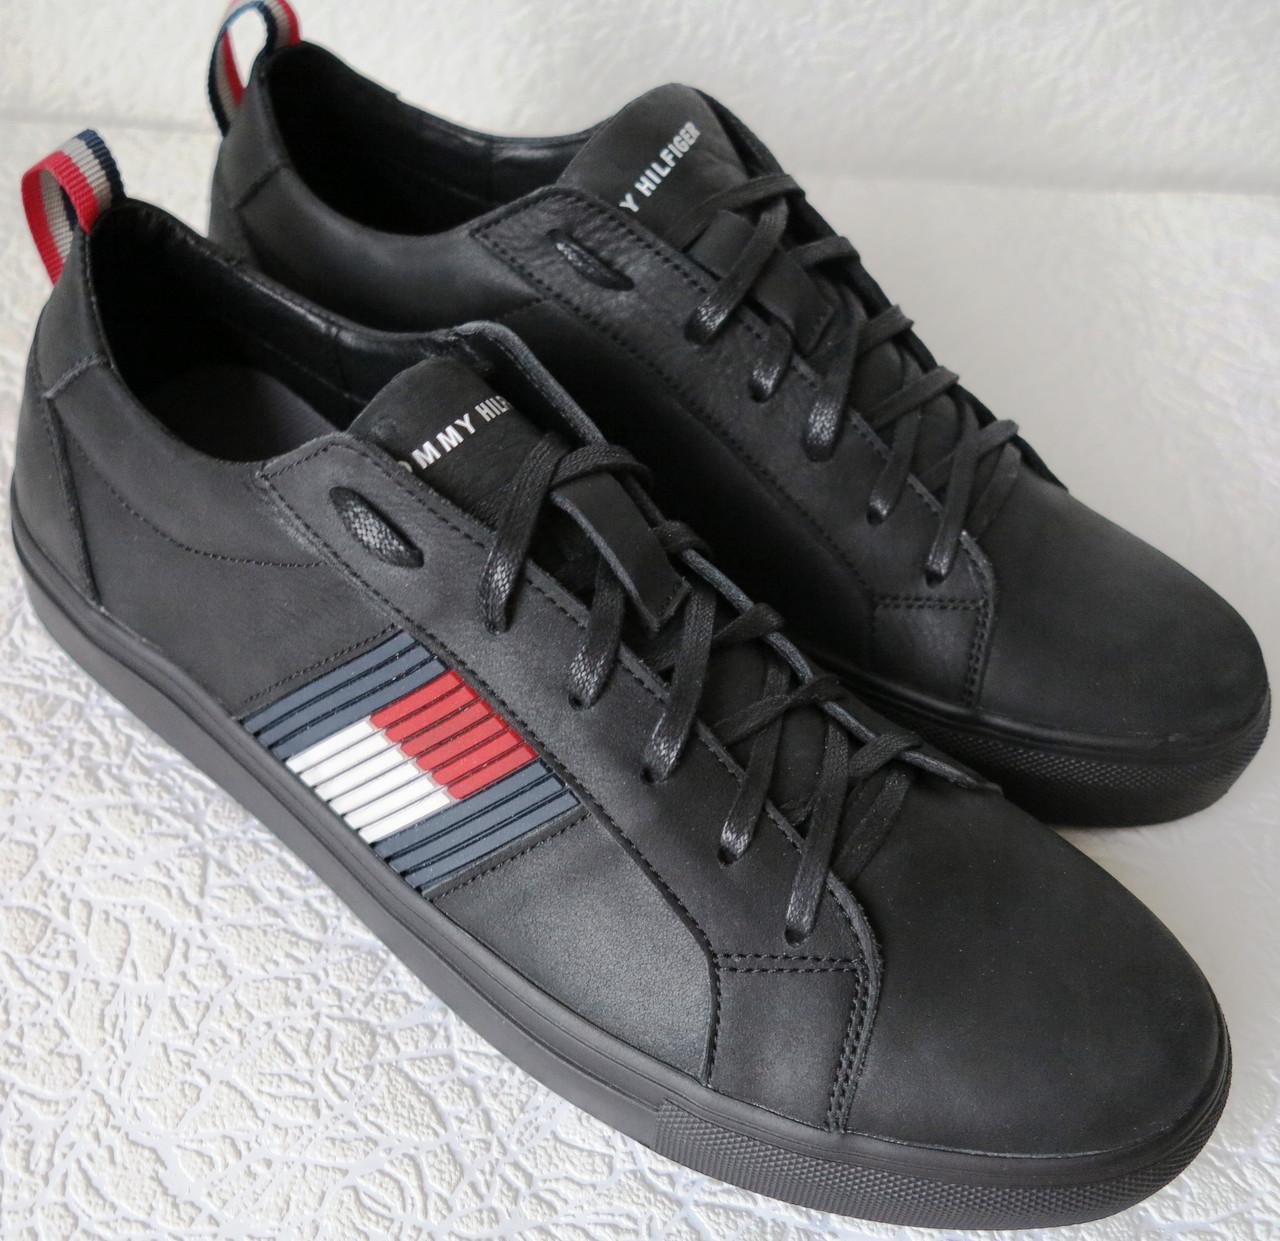 3c45aaf74cbfe Tommy Hilfiger кожаные чёрные кеды! Туфли мужские Супер ! Идеальная реплика  Томми Хилфигер